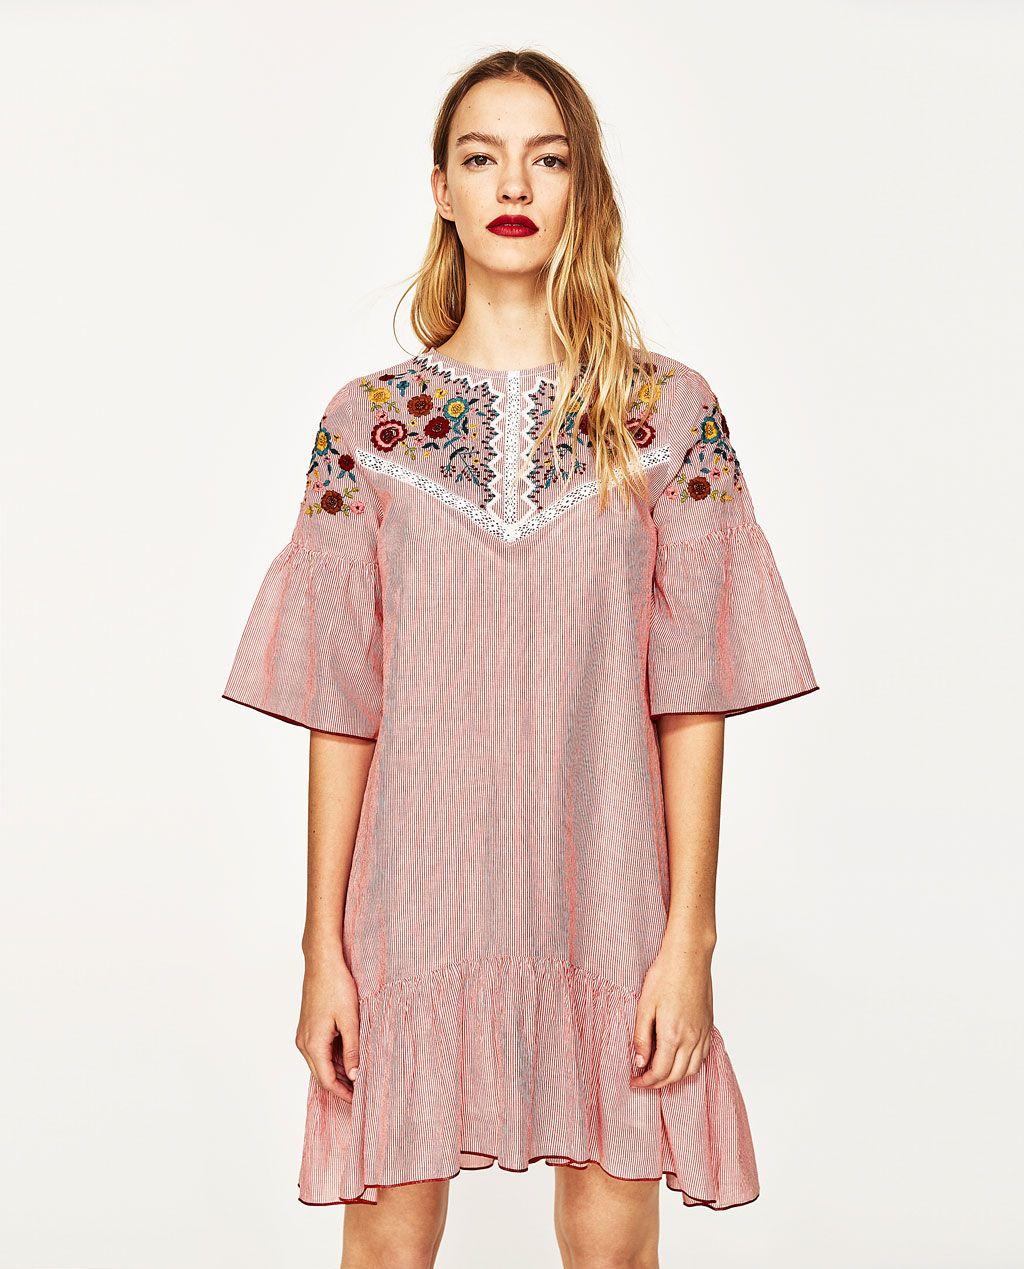 ROBE À RAYURES BRODÉE - Disponible en d\'autres coloris | Robes ...